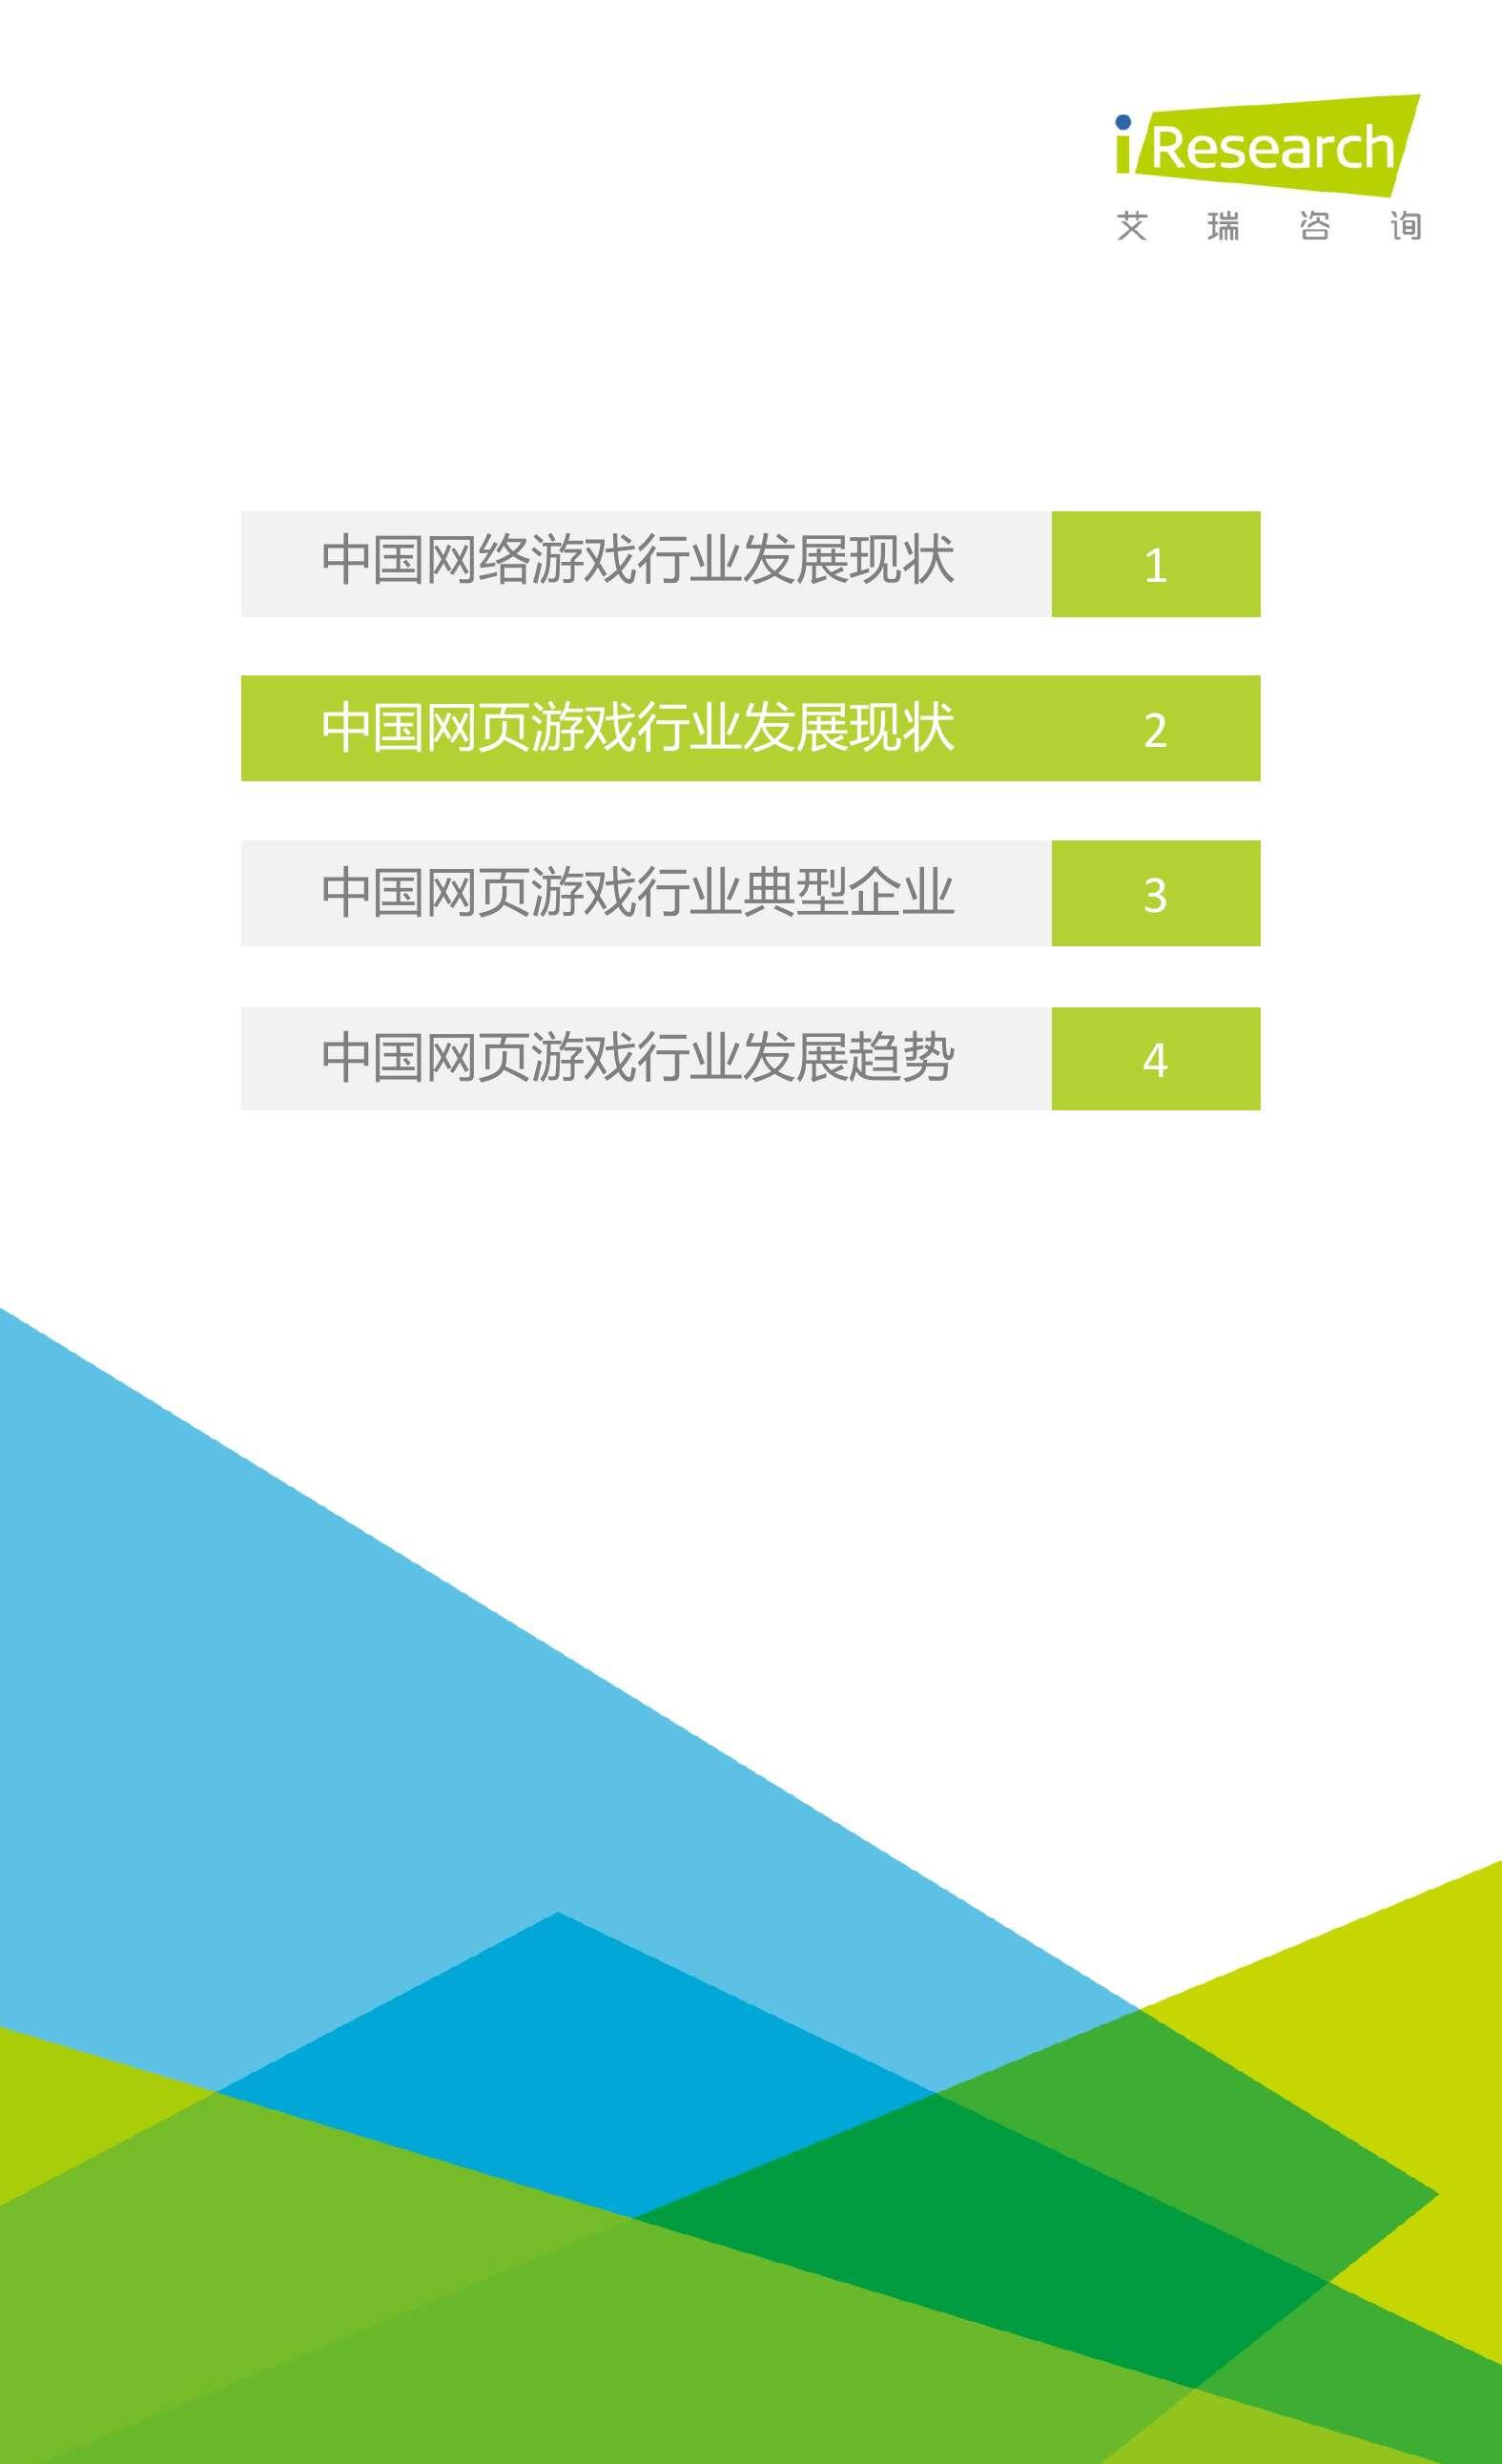 2016年中国网页游戏行业研究报告_000008